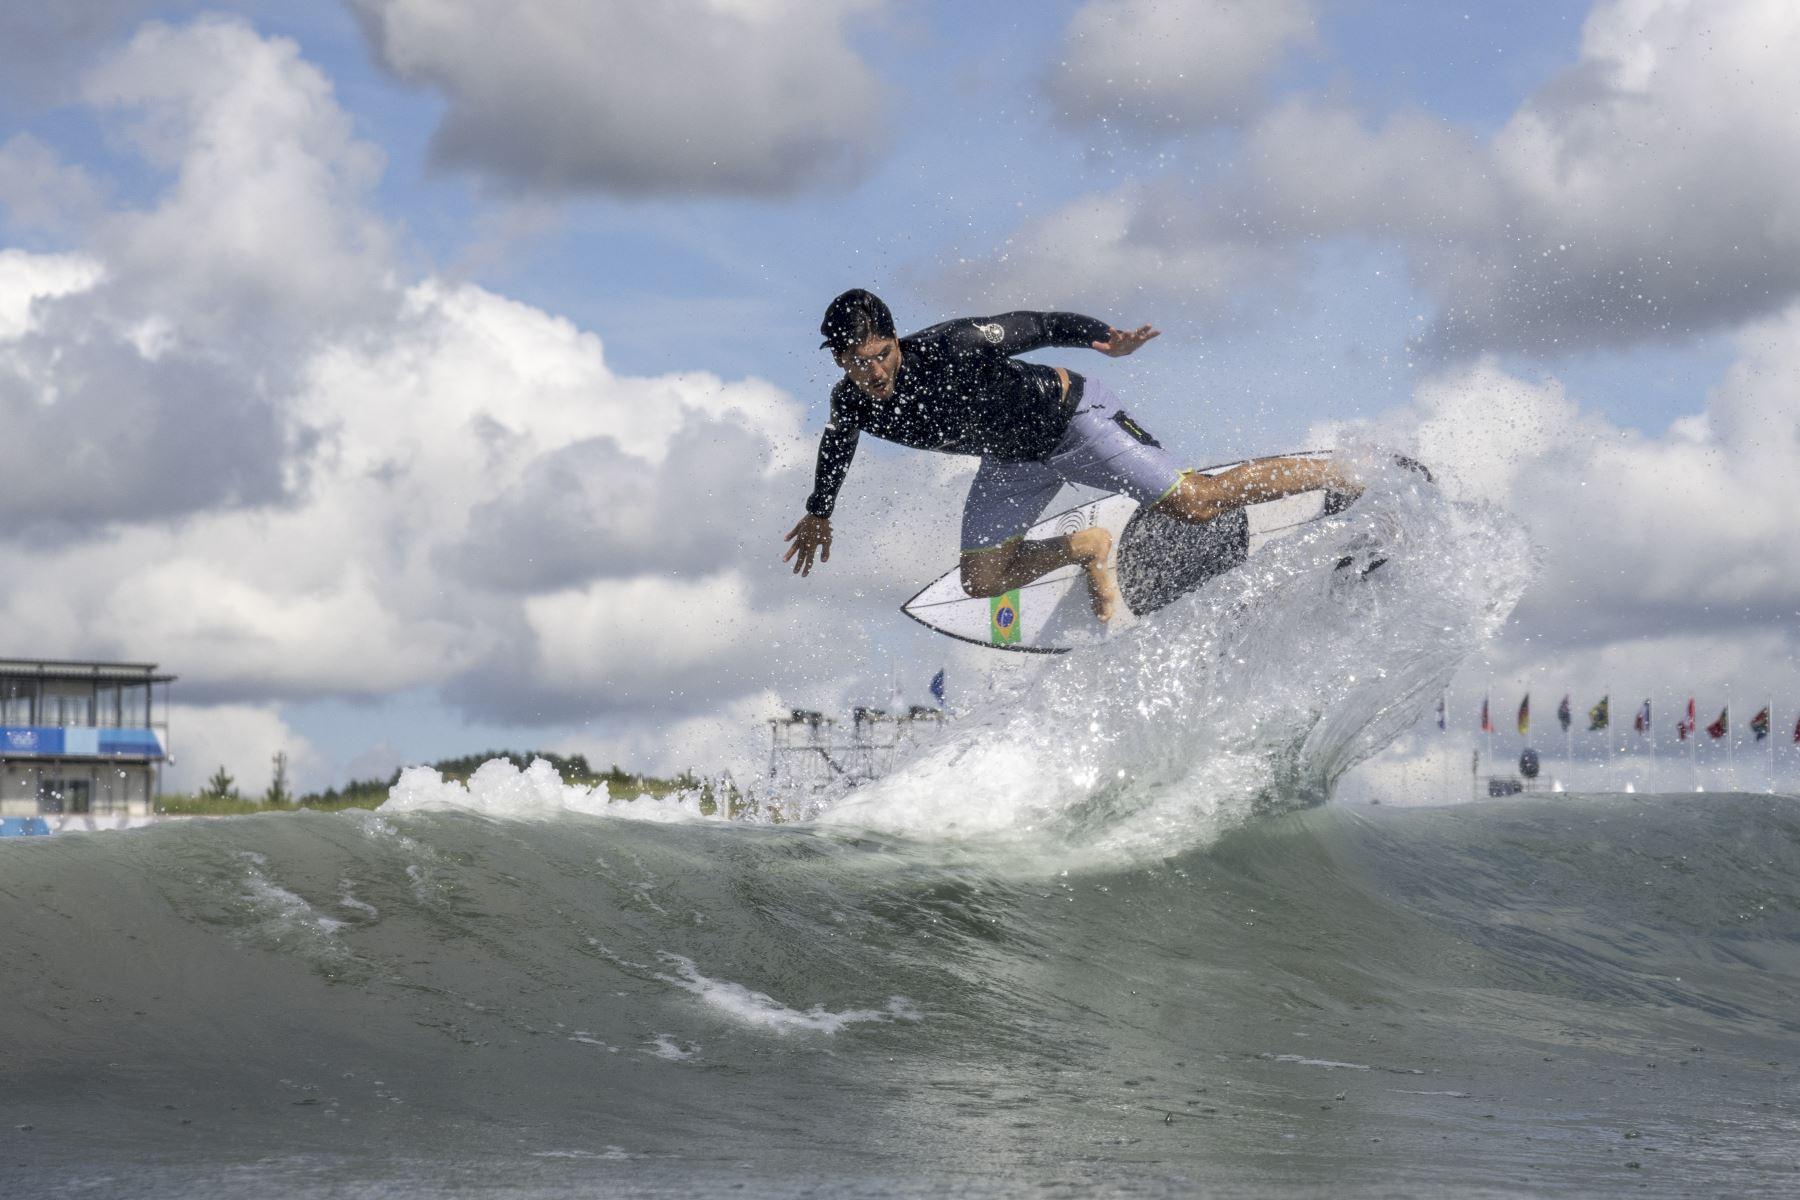 El brasileño Gabriel Medina monta una ola durante una sesión de entrenamiento en la playa de surf Tsurigasaki, en Chiba, durante los Juegos Olímpicos de Tokio 2020. Foto: AFP